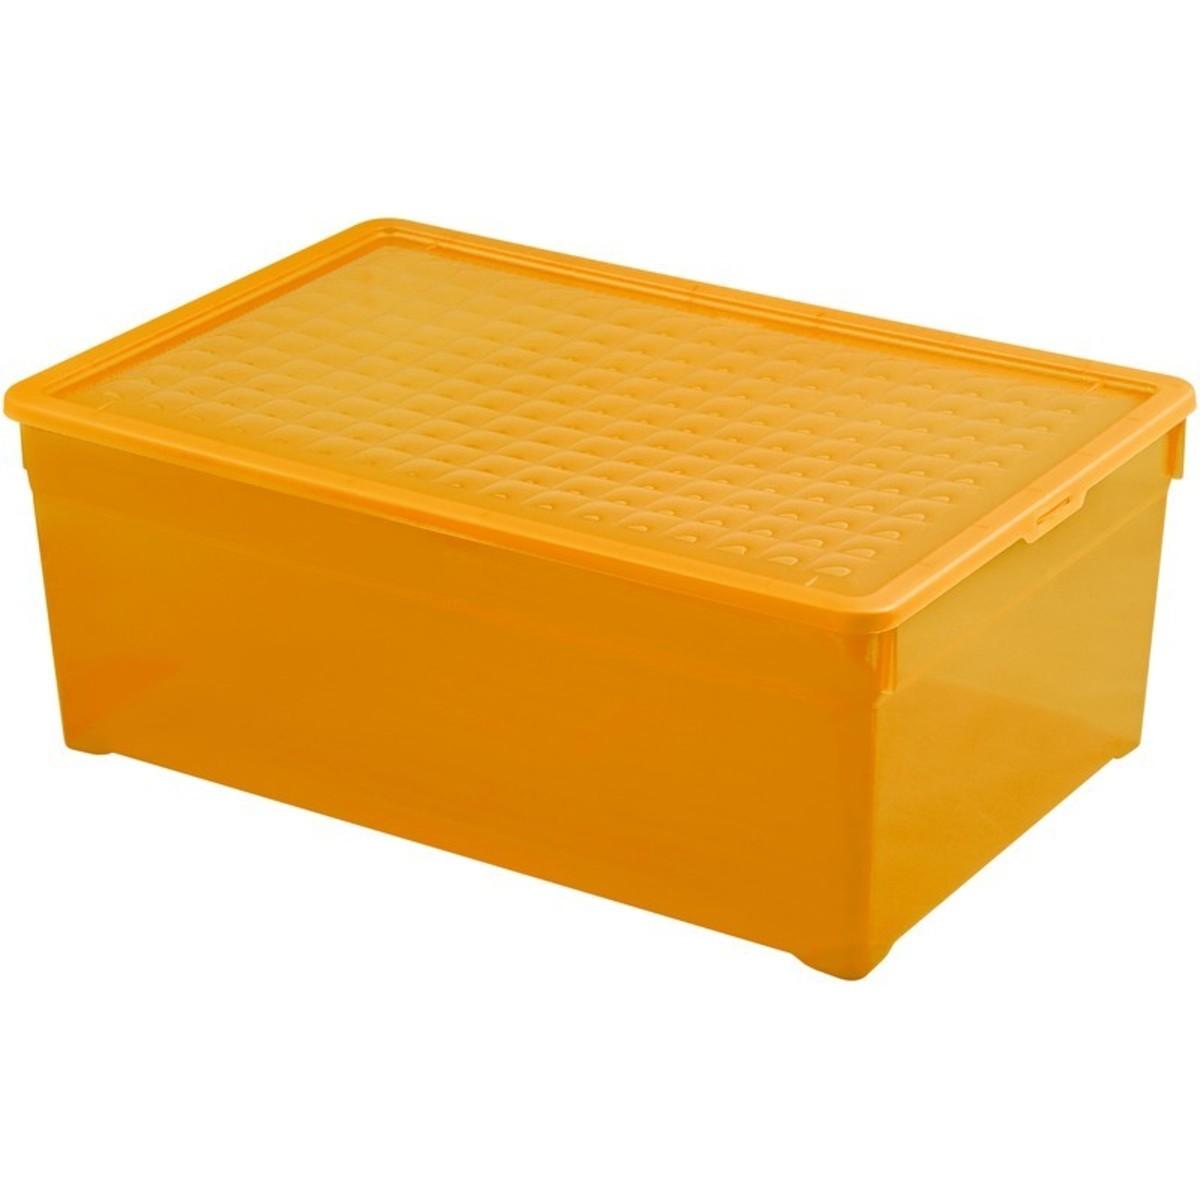 Контейнер Curver Textille прозрачный оранжевый 45 л